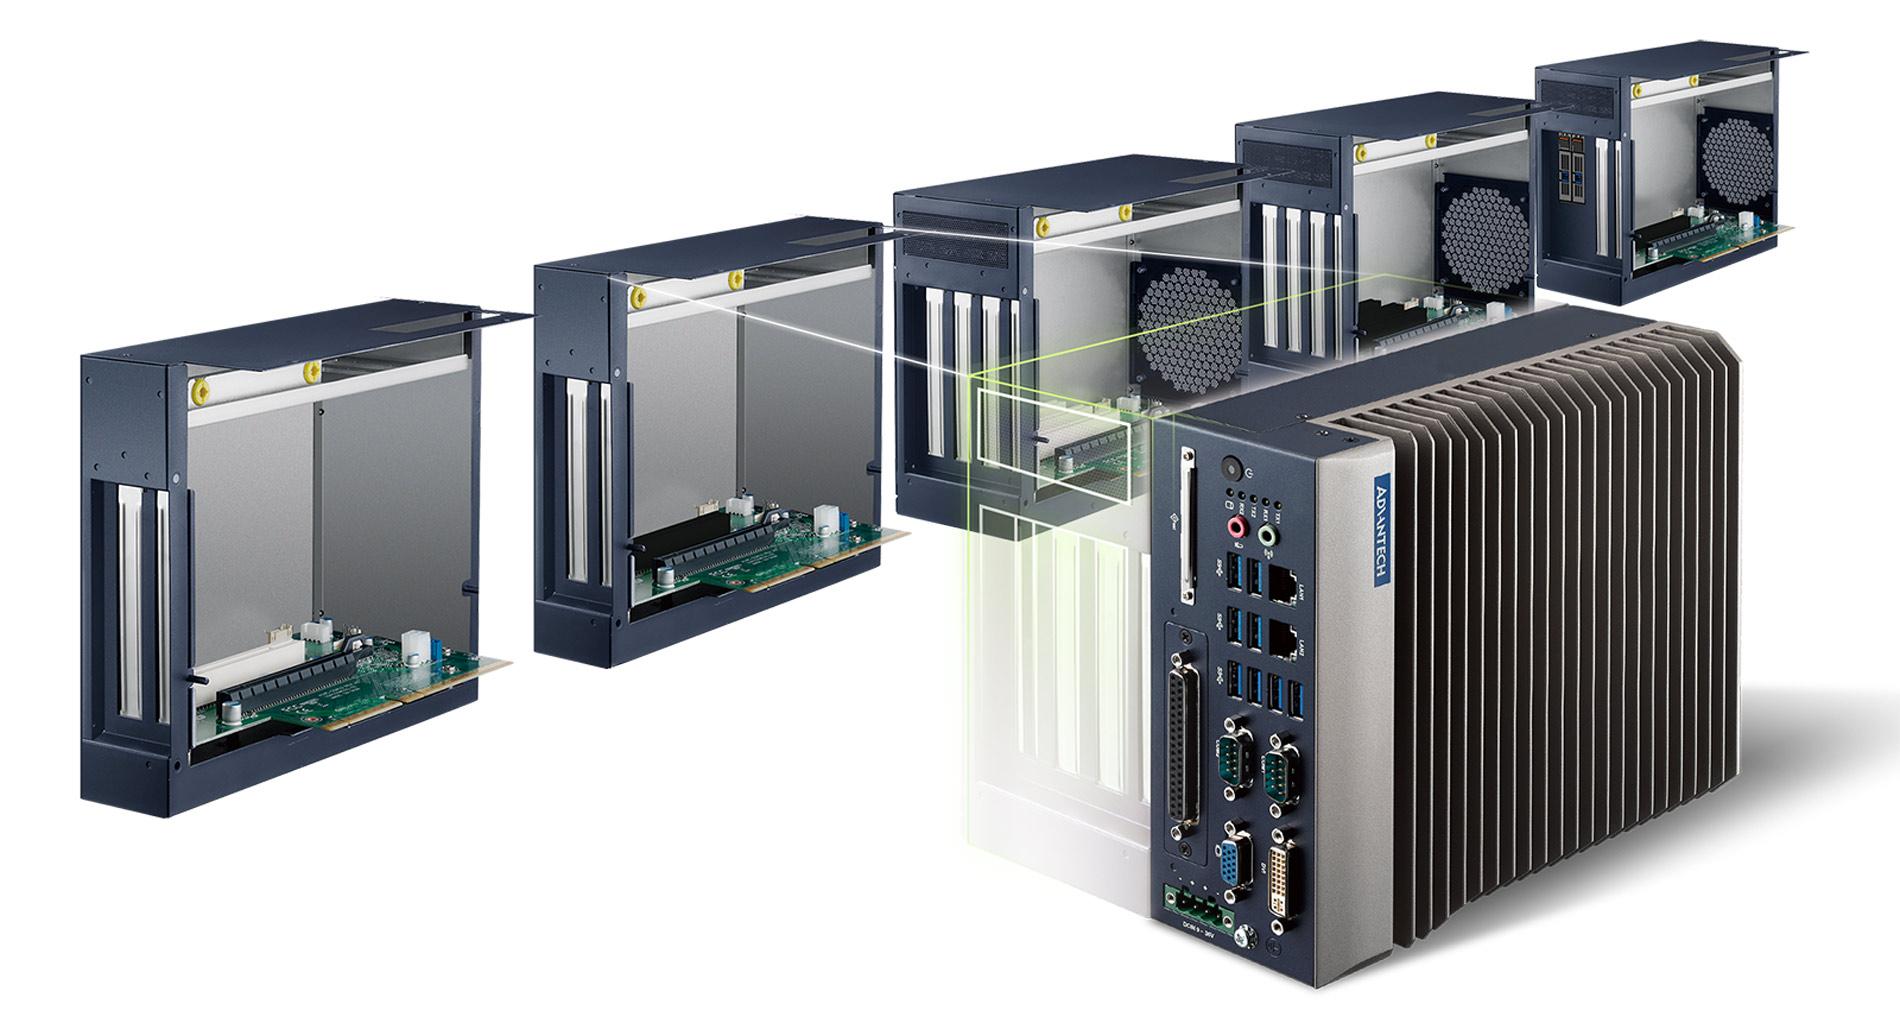 Безвентиляторные производительные компьютеры MIC-7000 - 7